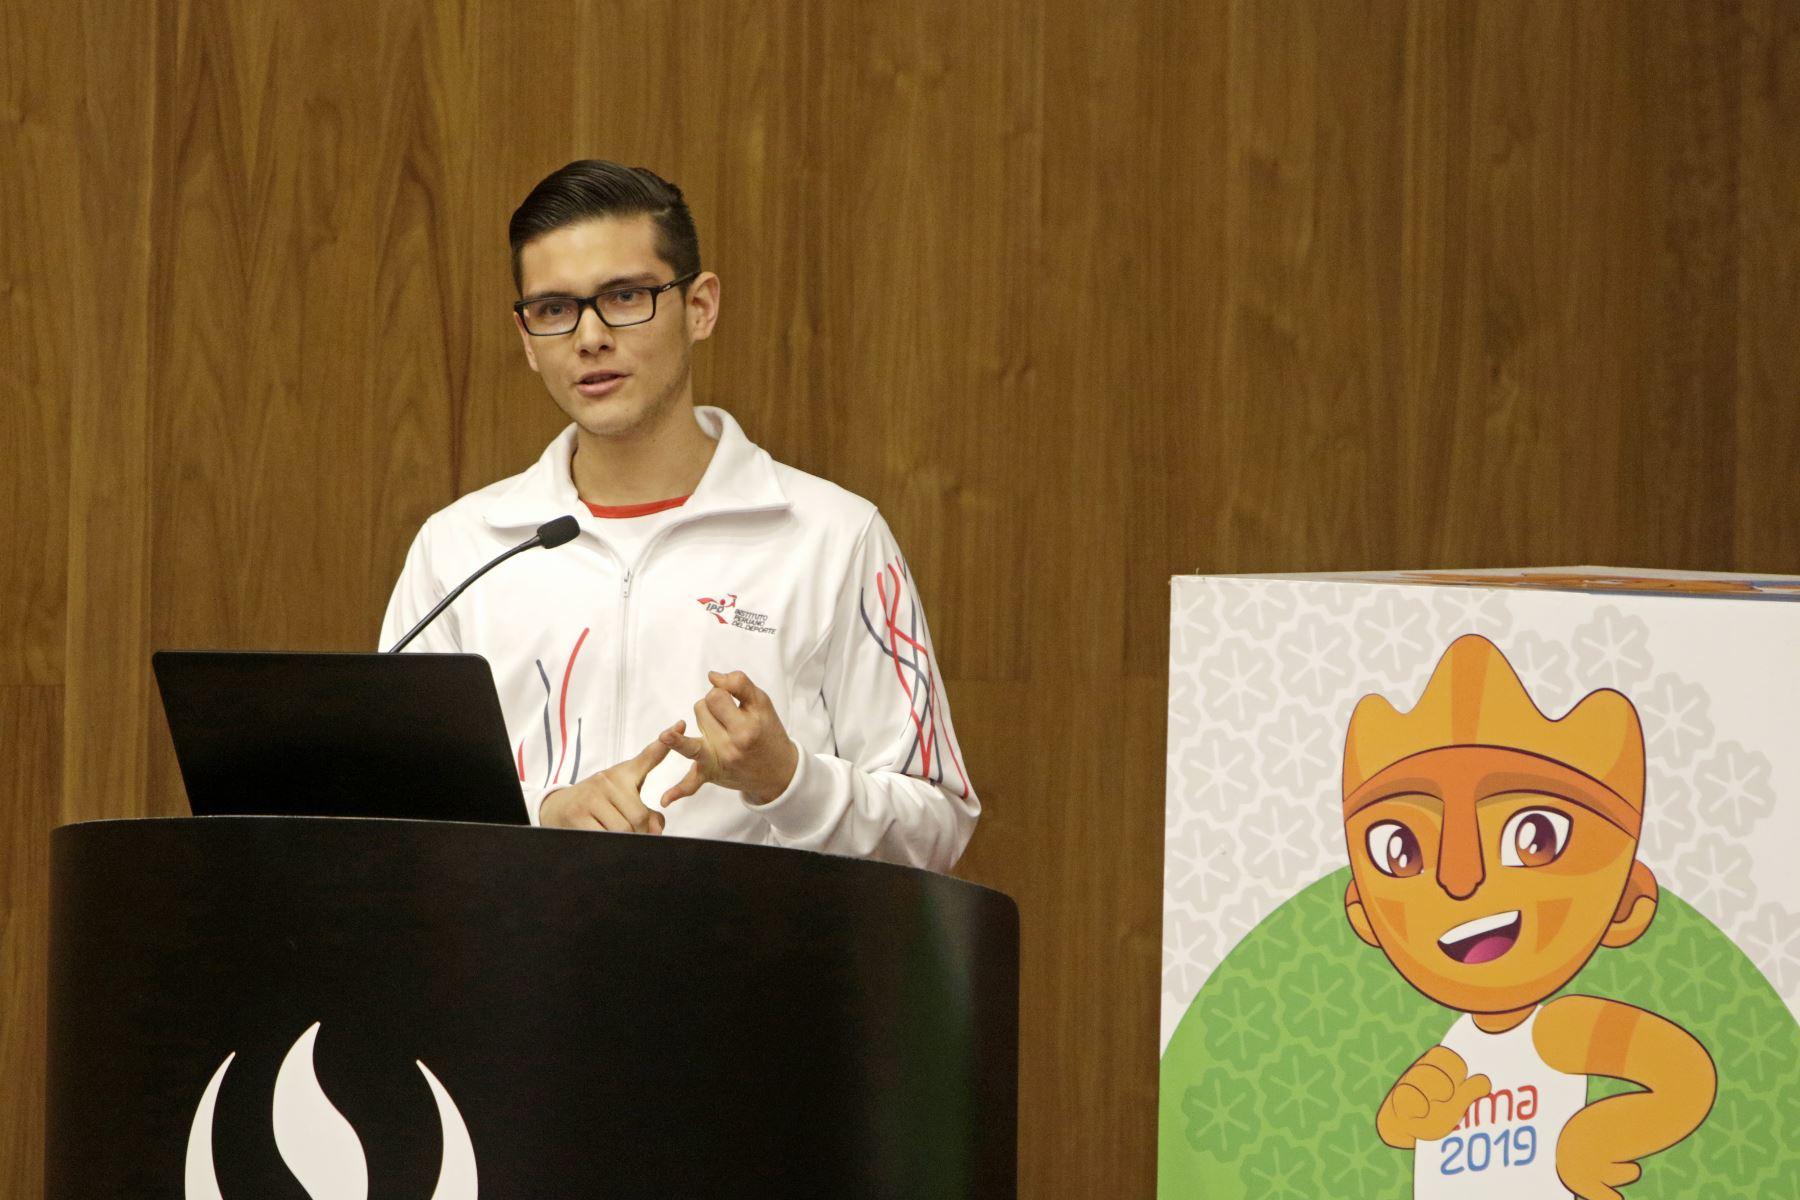 Lima 2019 participó en homenaje a deportistas de la UPC que participarán en los Juegos Panamericanos y Parapanamericanos. Foto: ANDINA/LIMA 2019